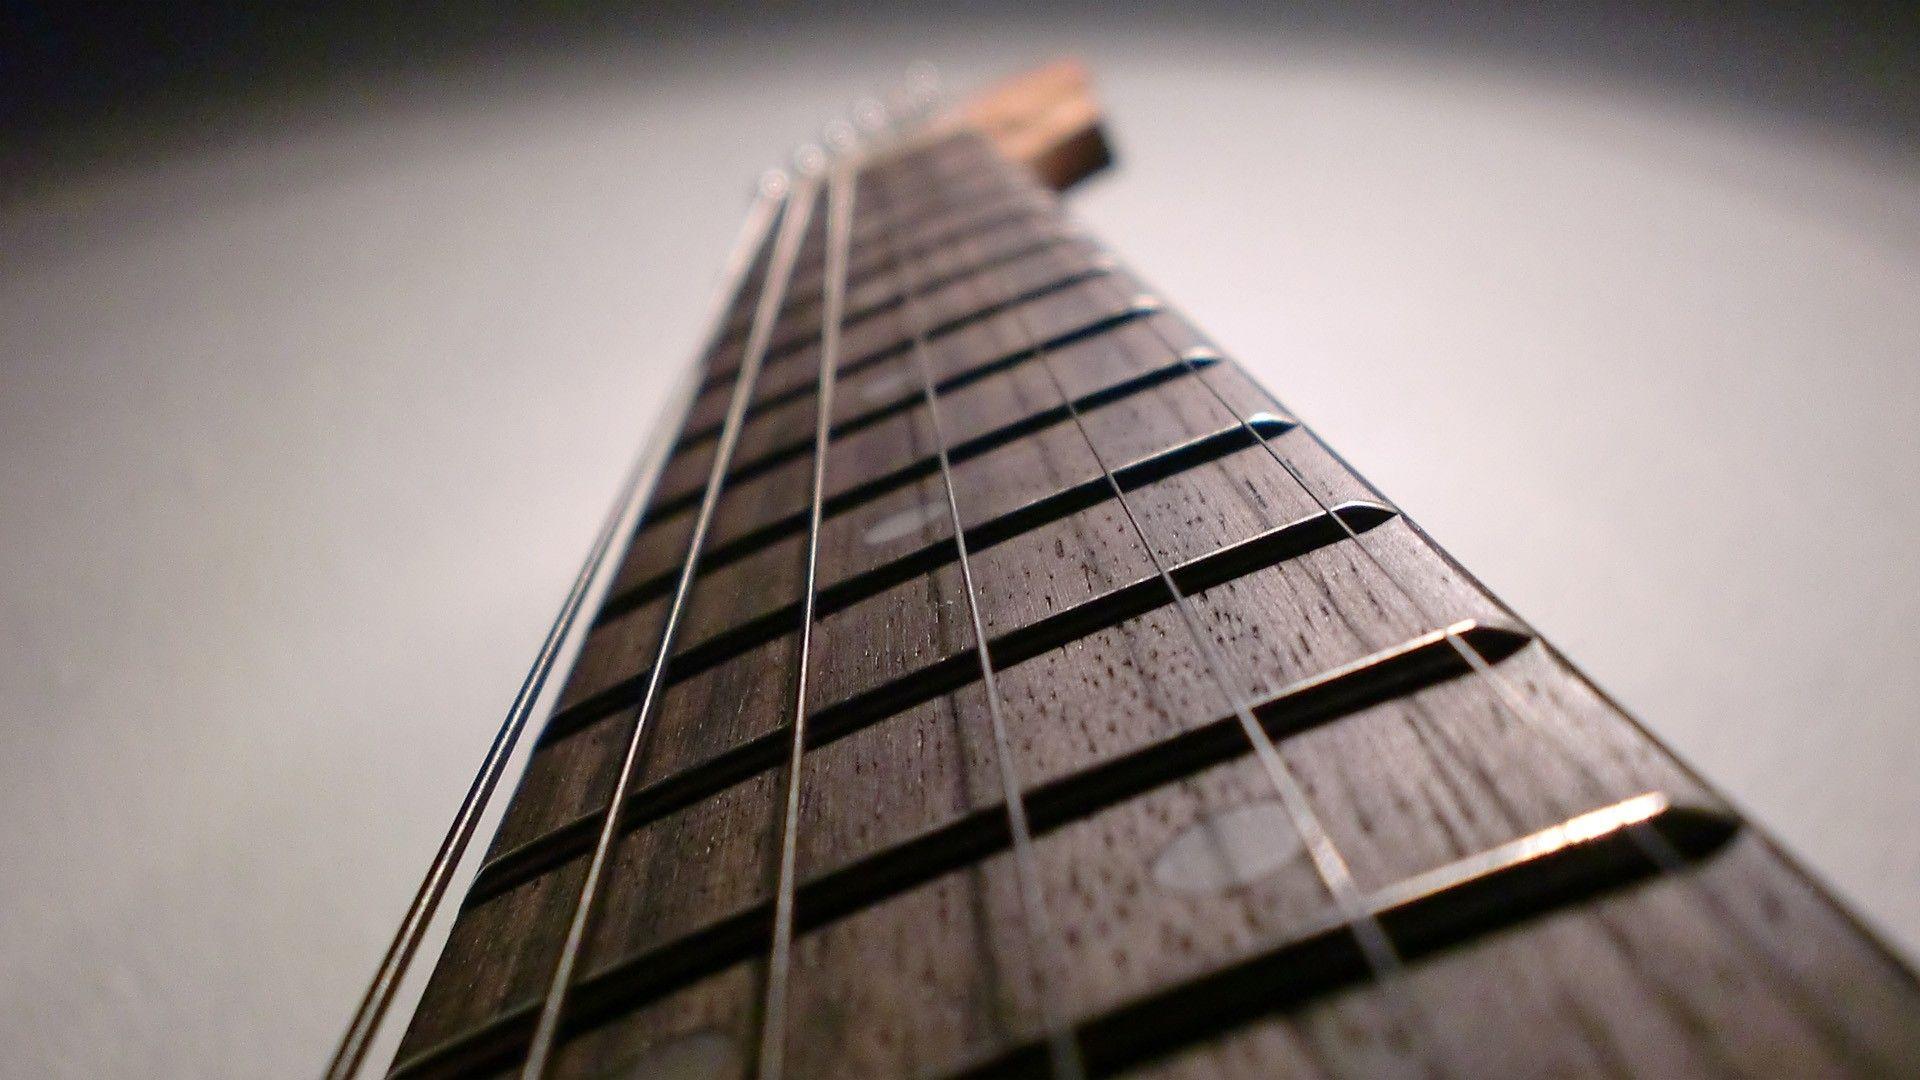 Electric Guitar strings, Full HD Wallpaper